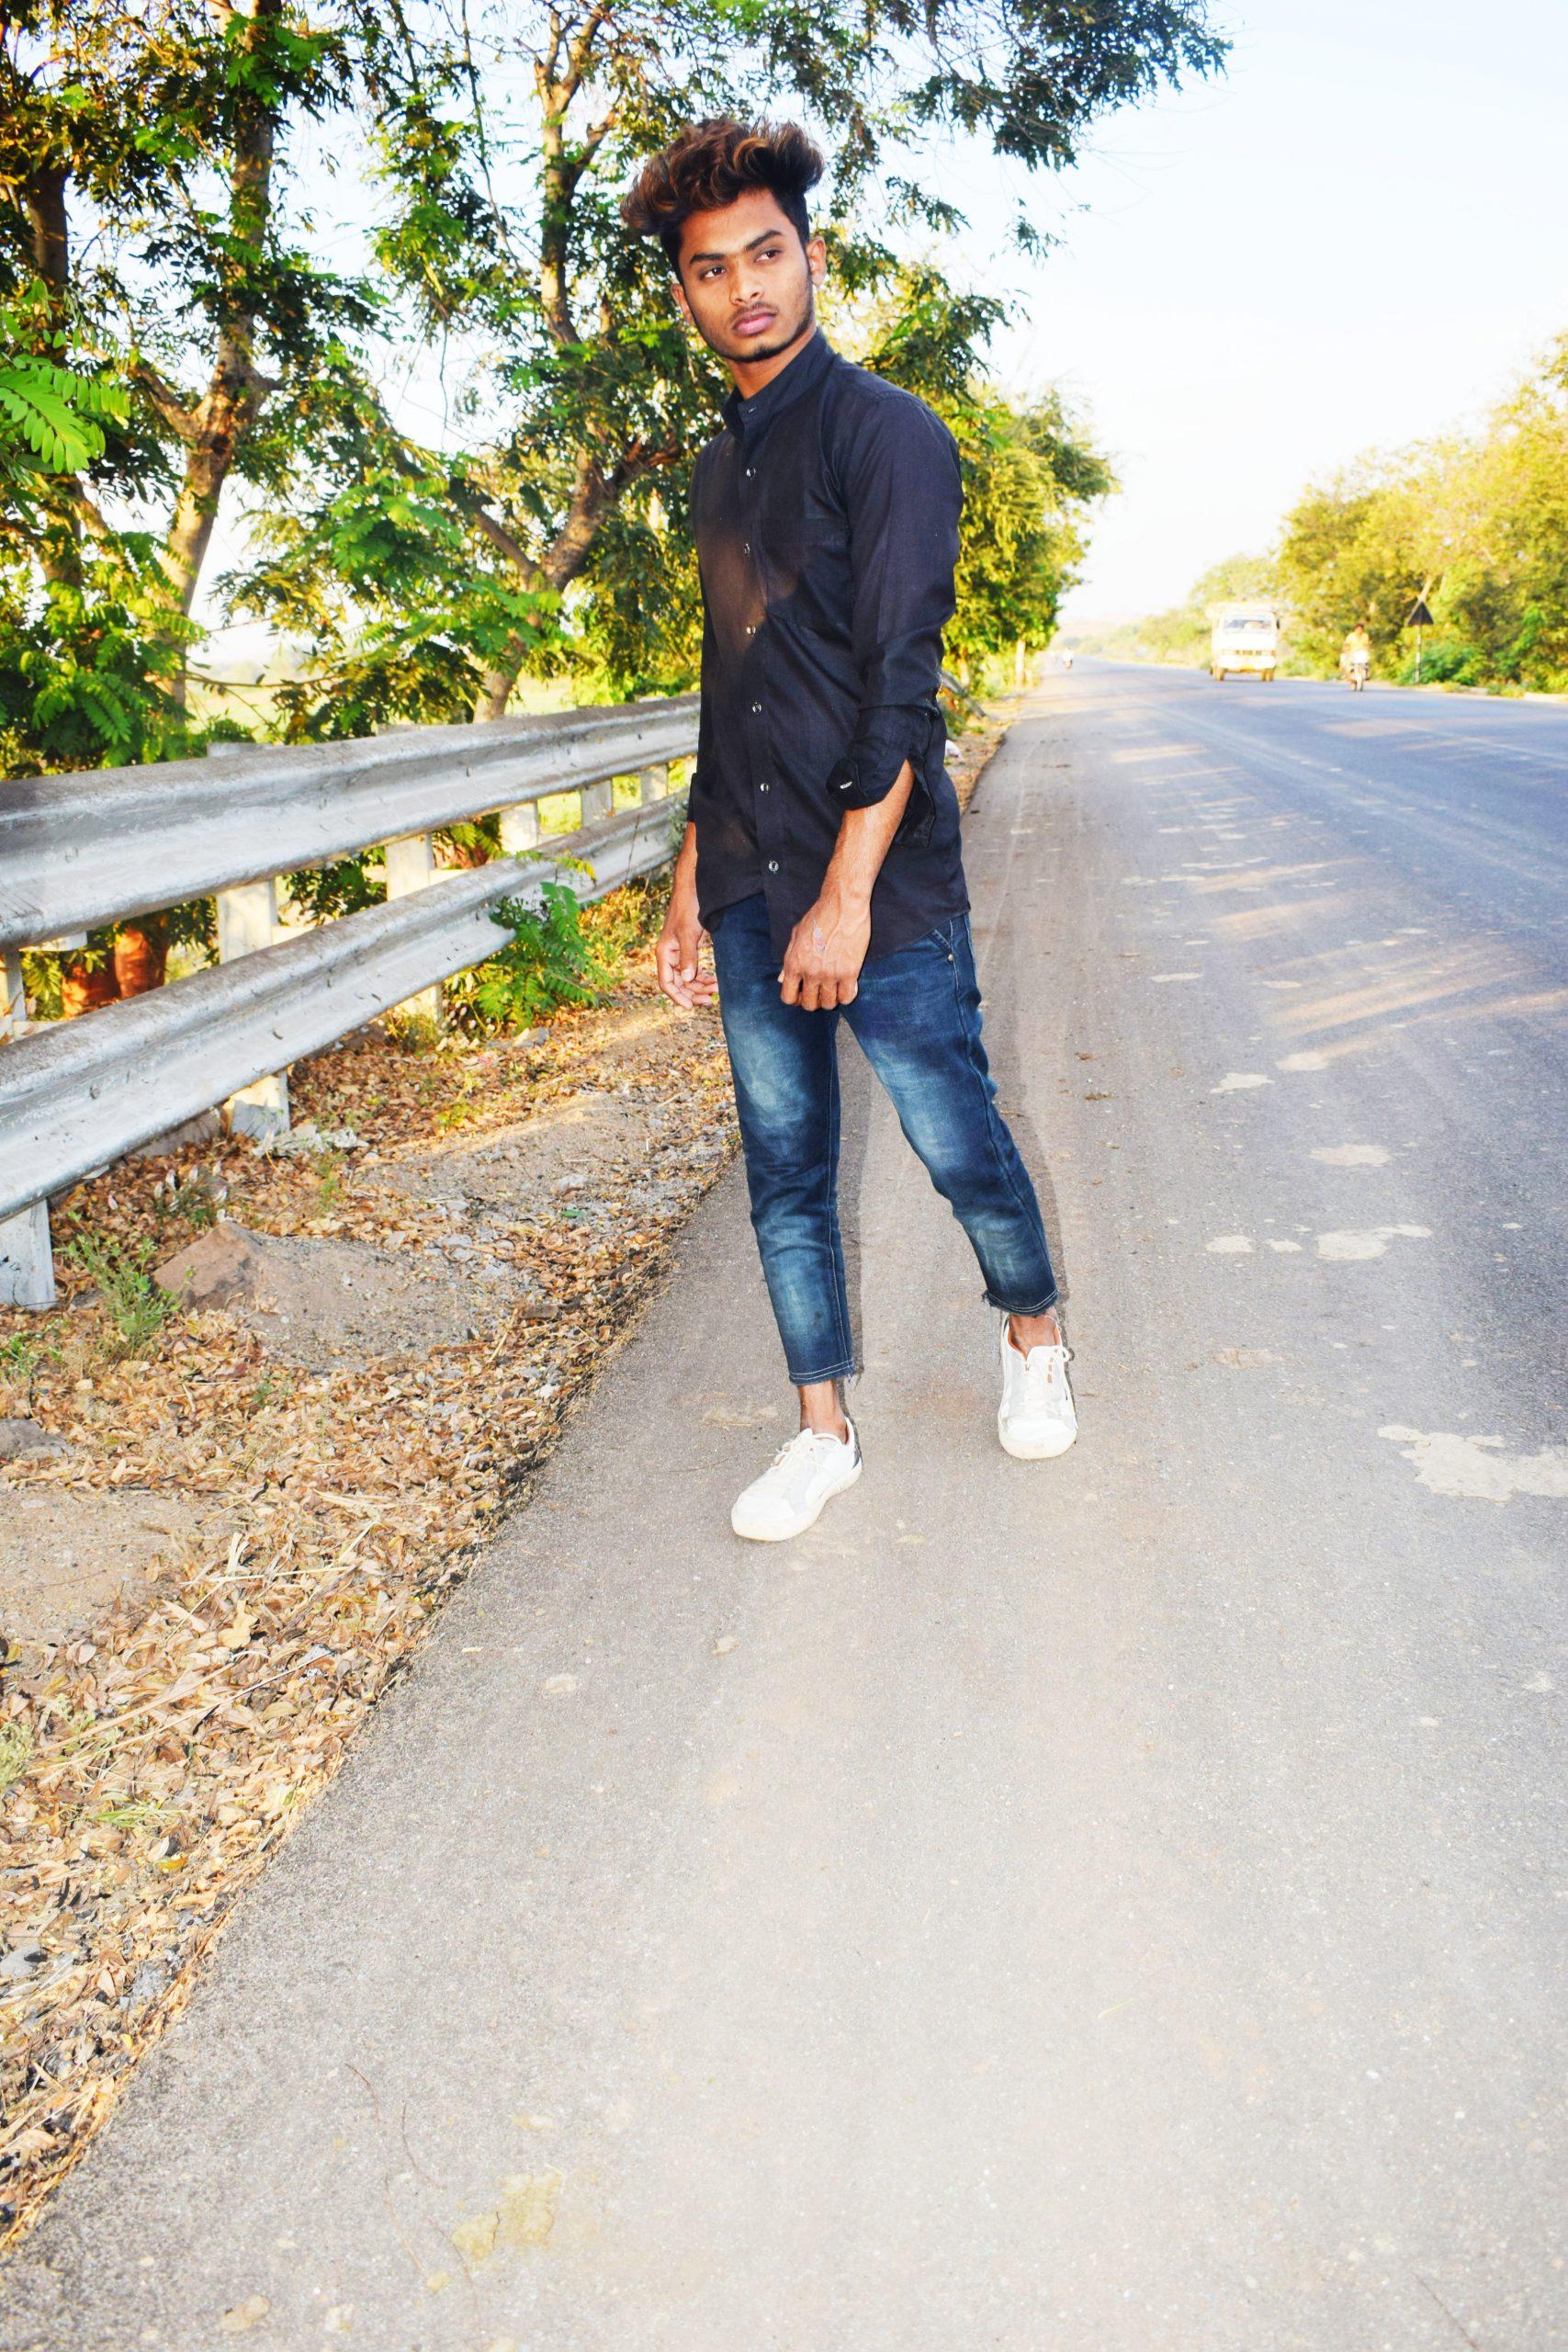 A boy posing on a road